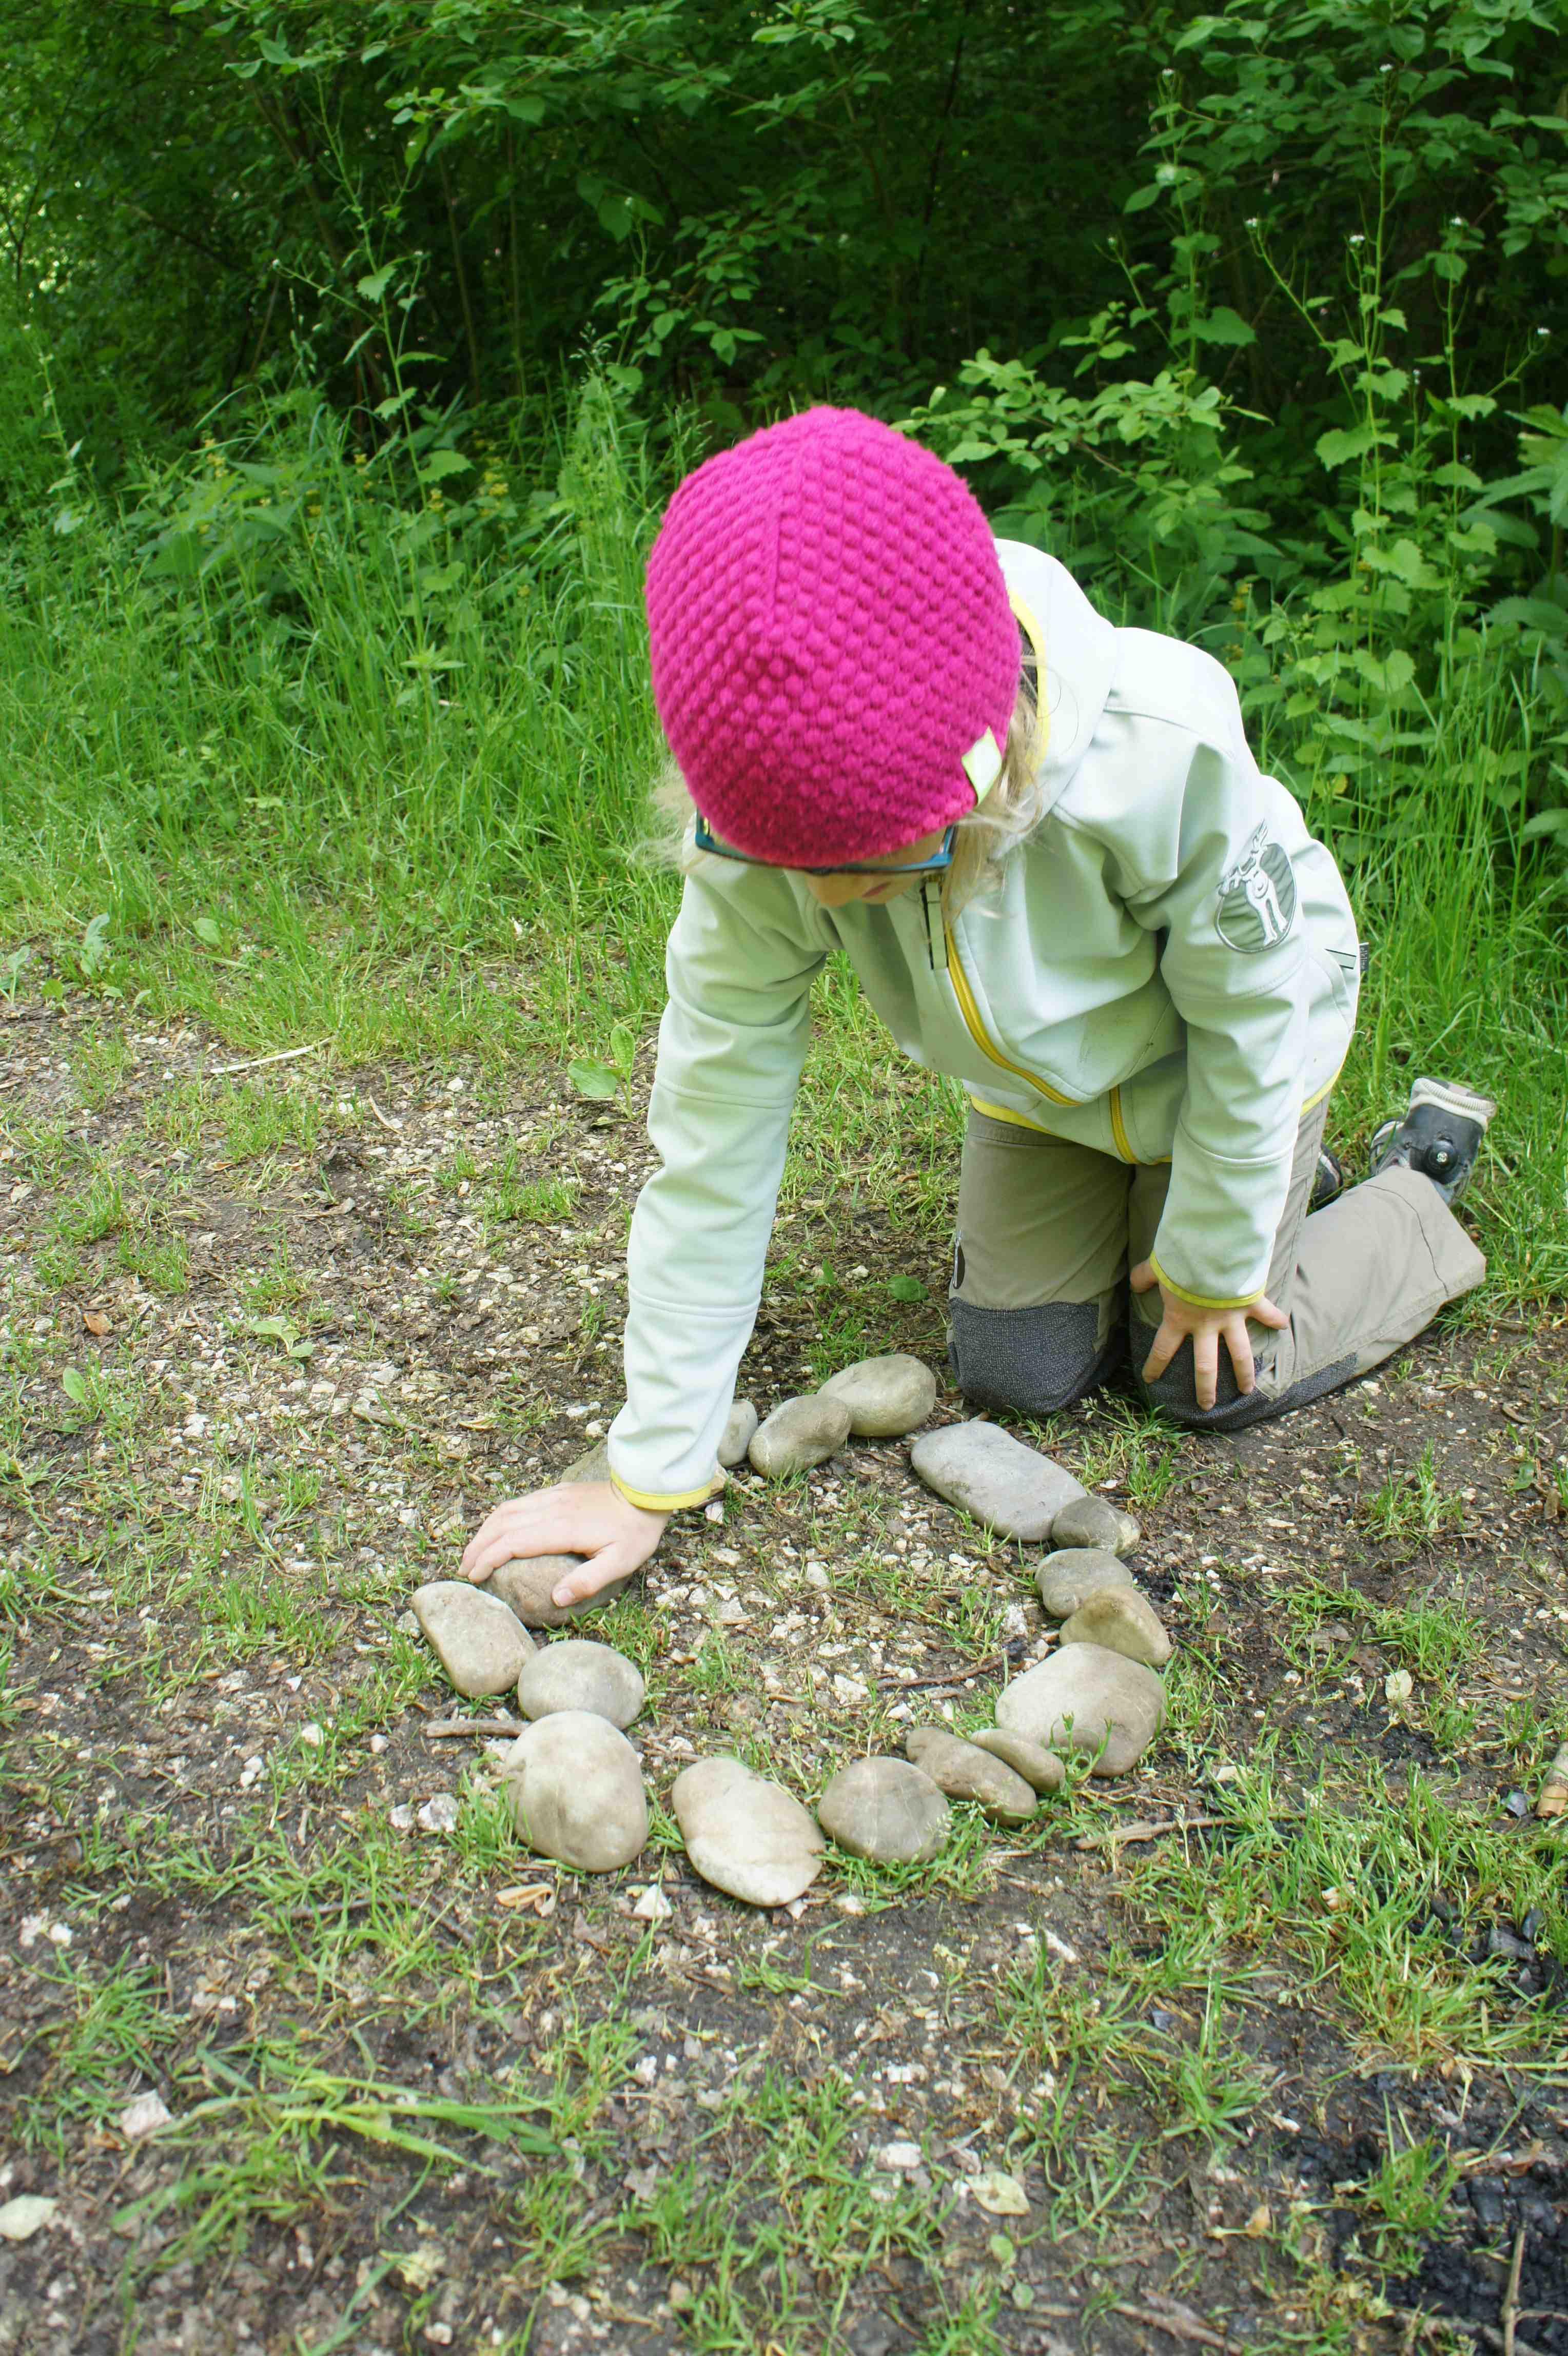 Ring of Fire! Zu einem Lagerfeuer gehört ein Steinkreis in dem das Feuer lodert. Foto.(c) Kinderoutdoor.de